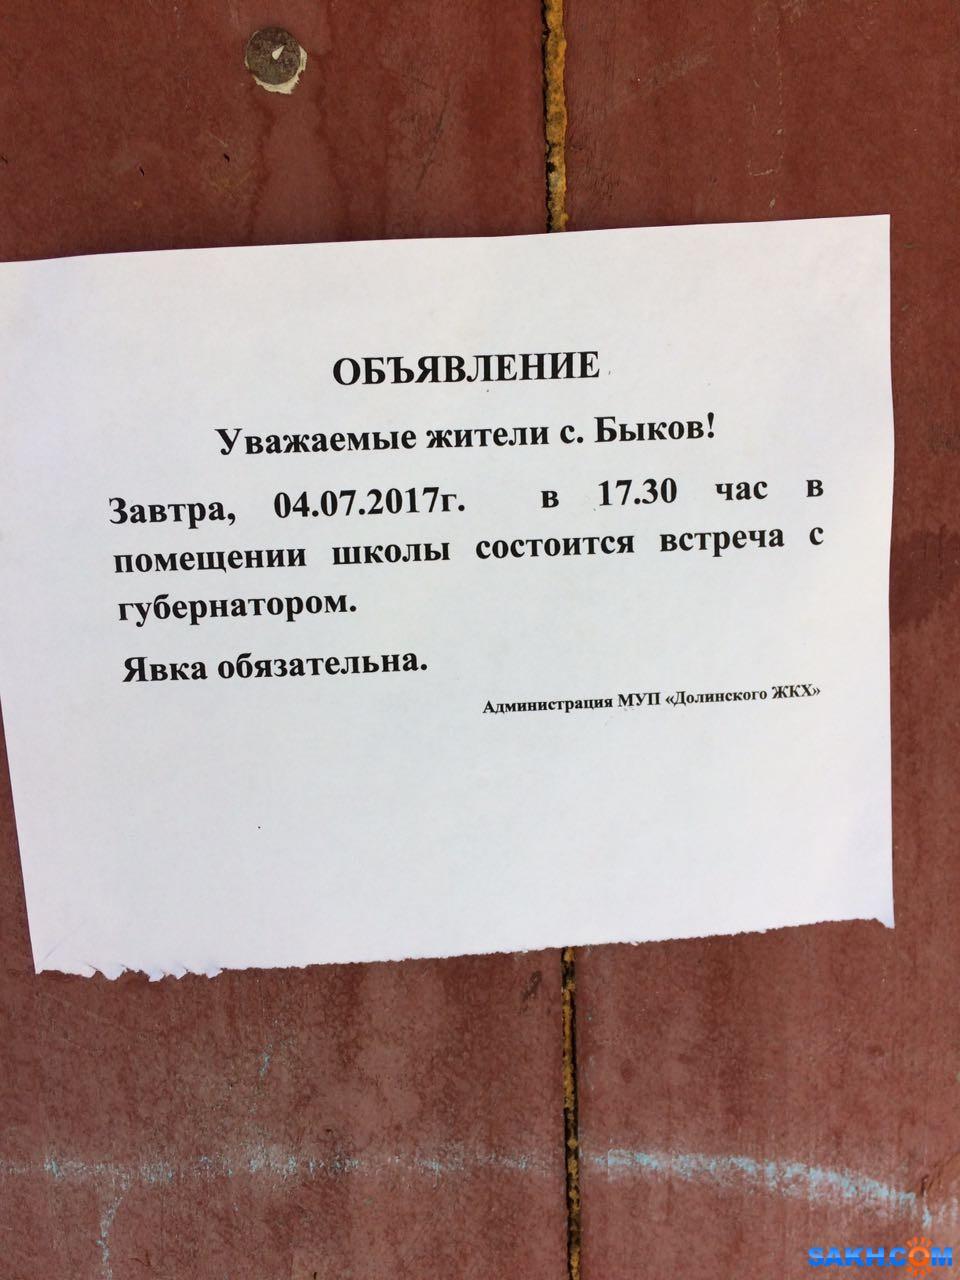 Сибирь_тут: Объявление